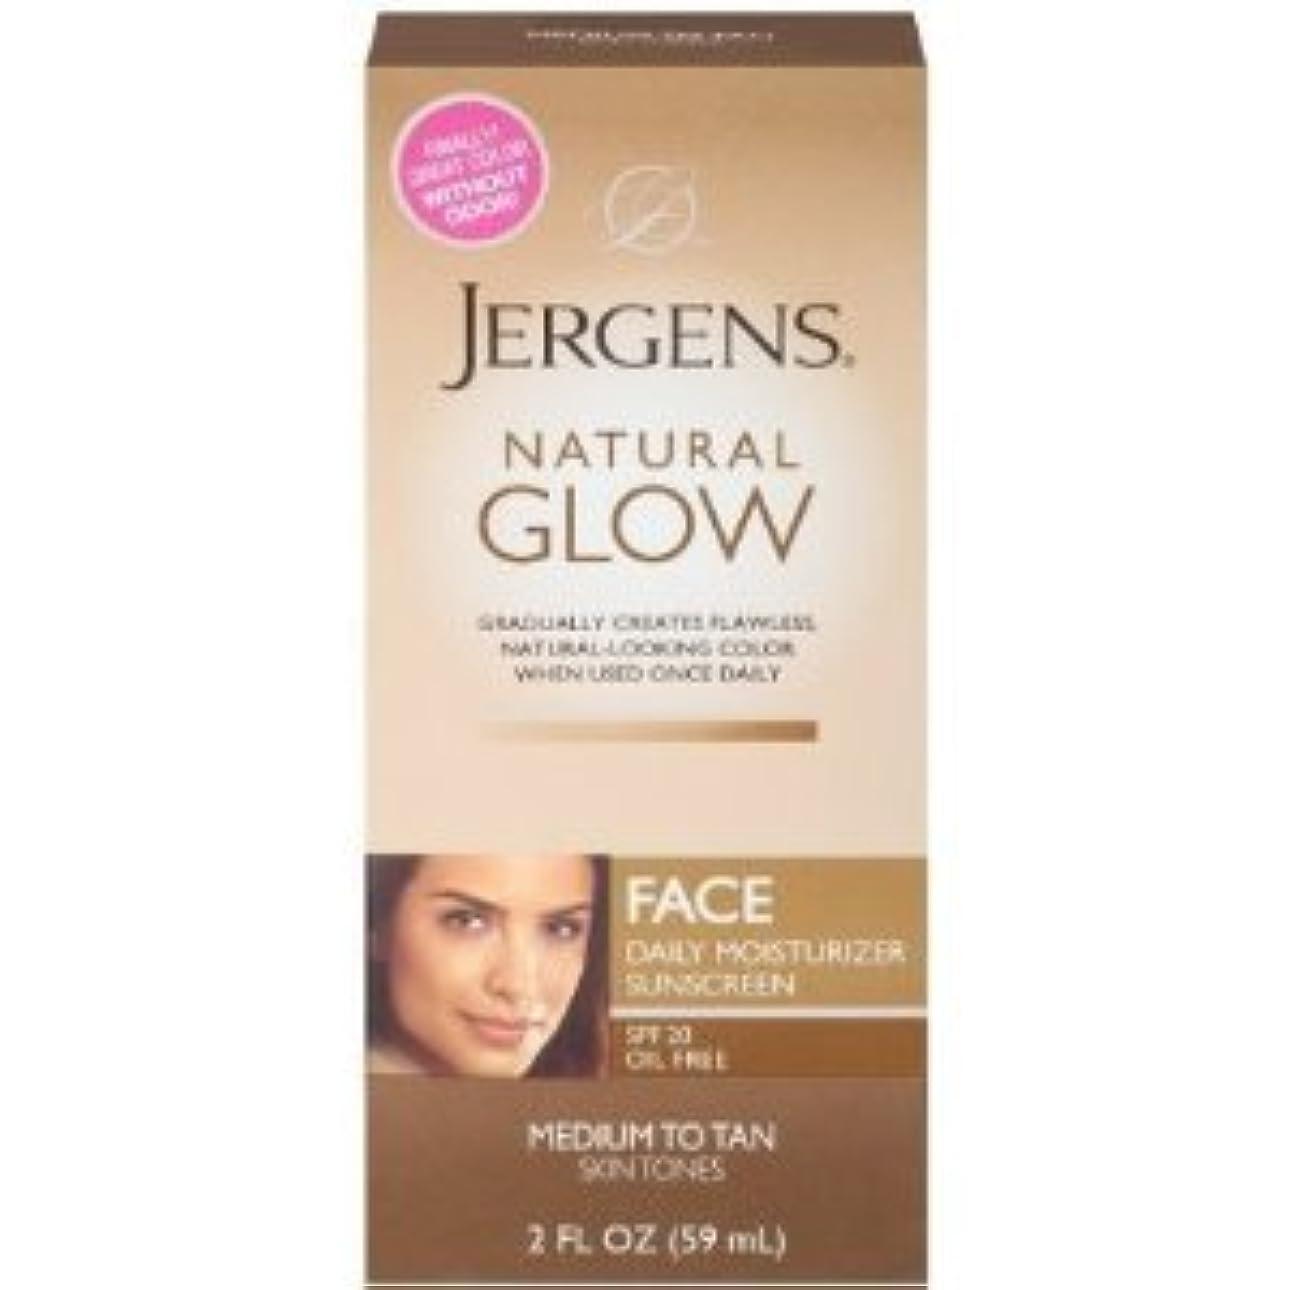 よろめく混雑日曜日Natural Glow Healthy Complexion Daily Facial Moisturizer, SPF 20, Medium to Tan, (59ml) (海外直送品)